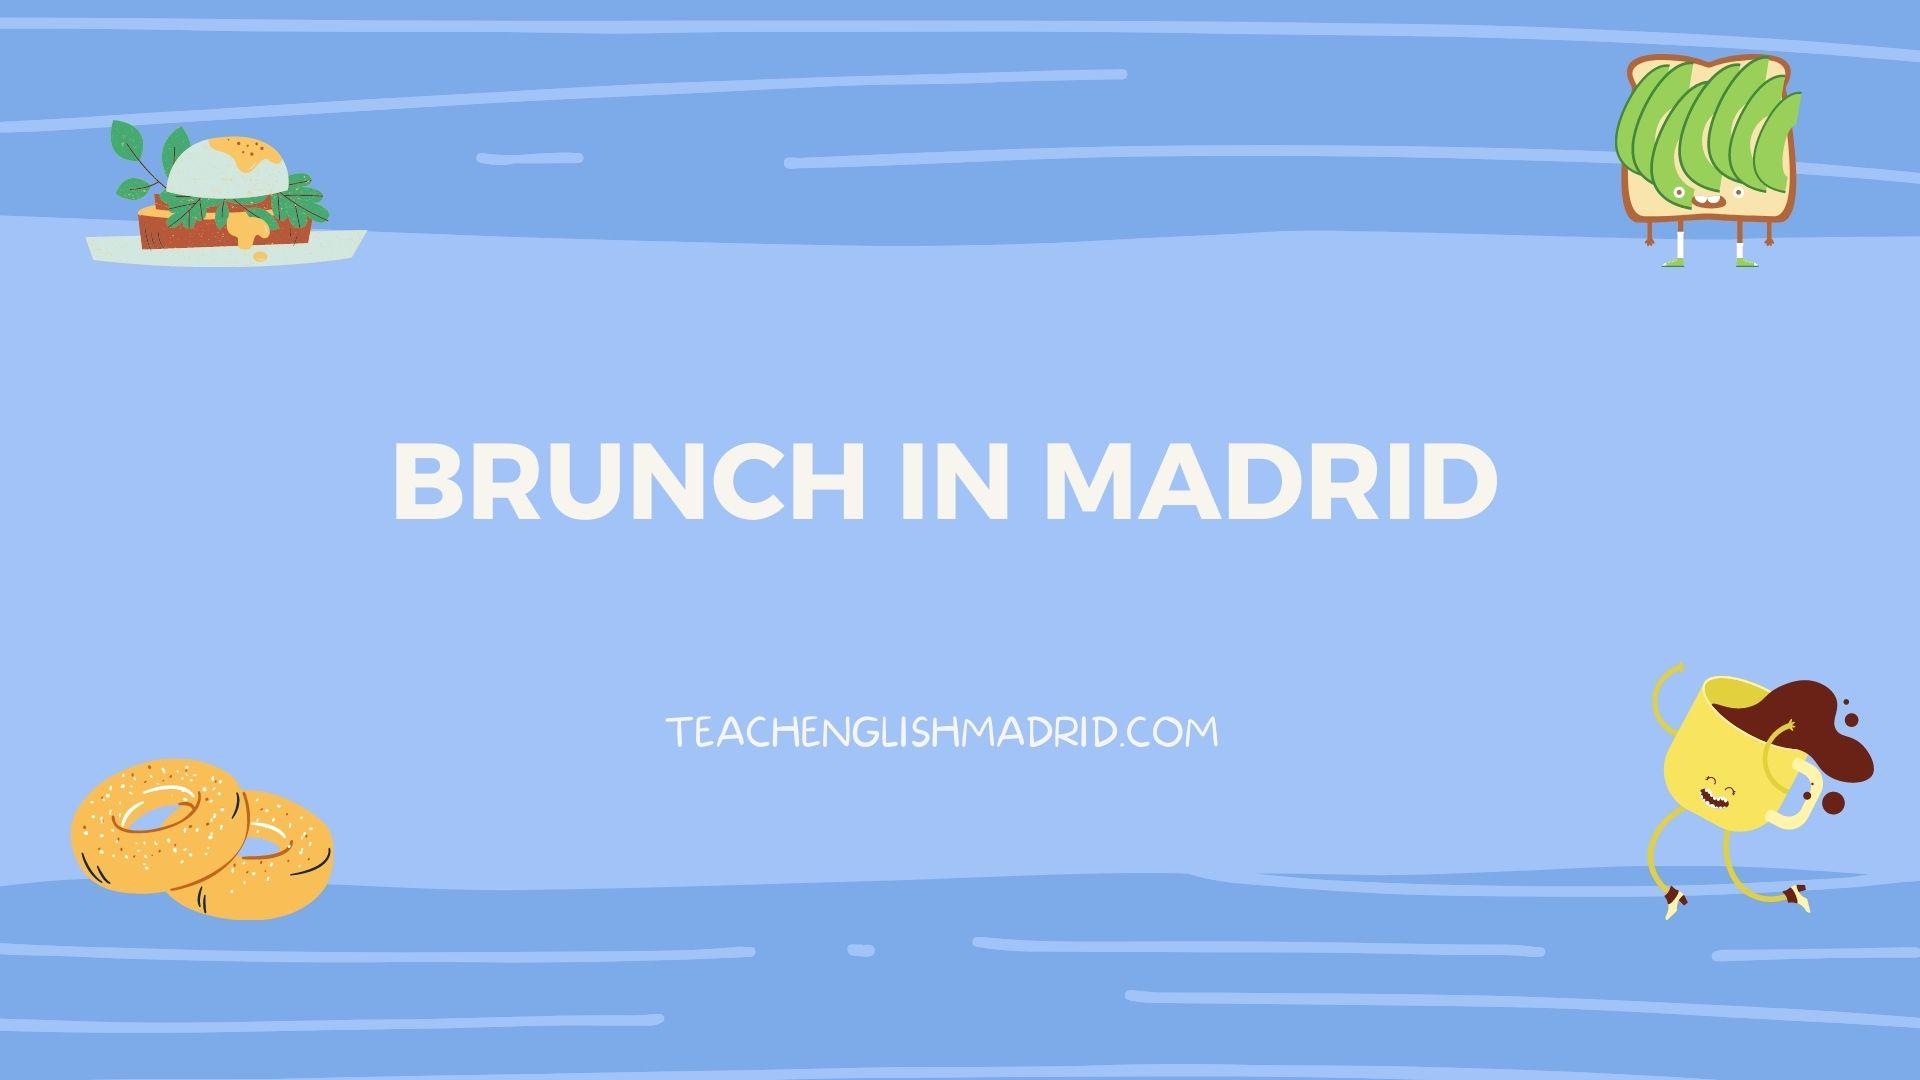 Cafe madrid menu federal brunch Real Madrid